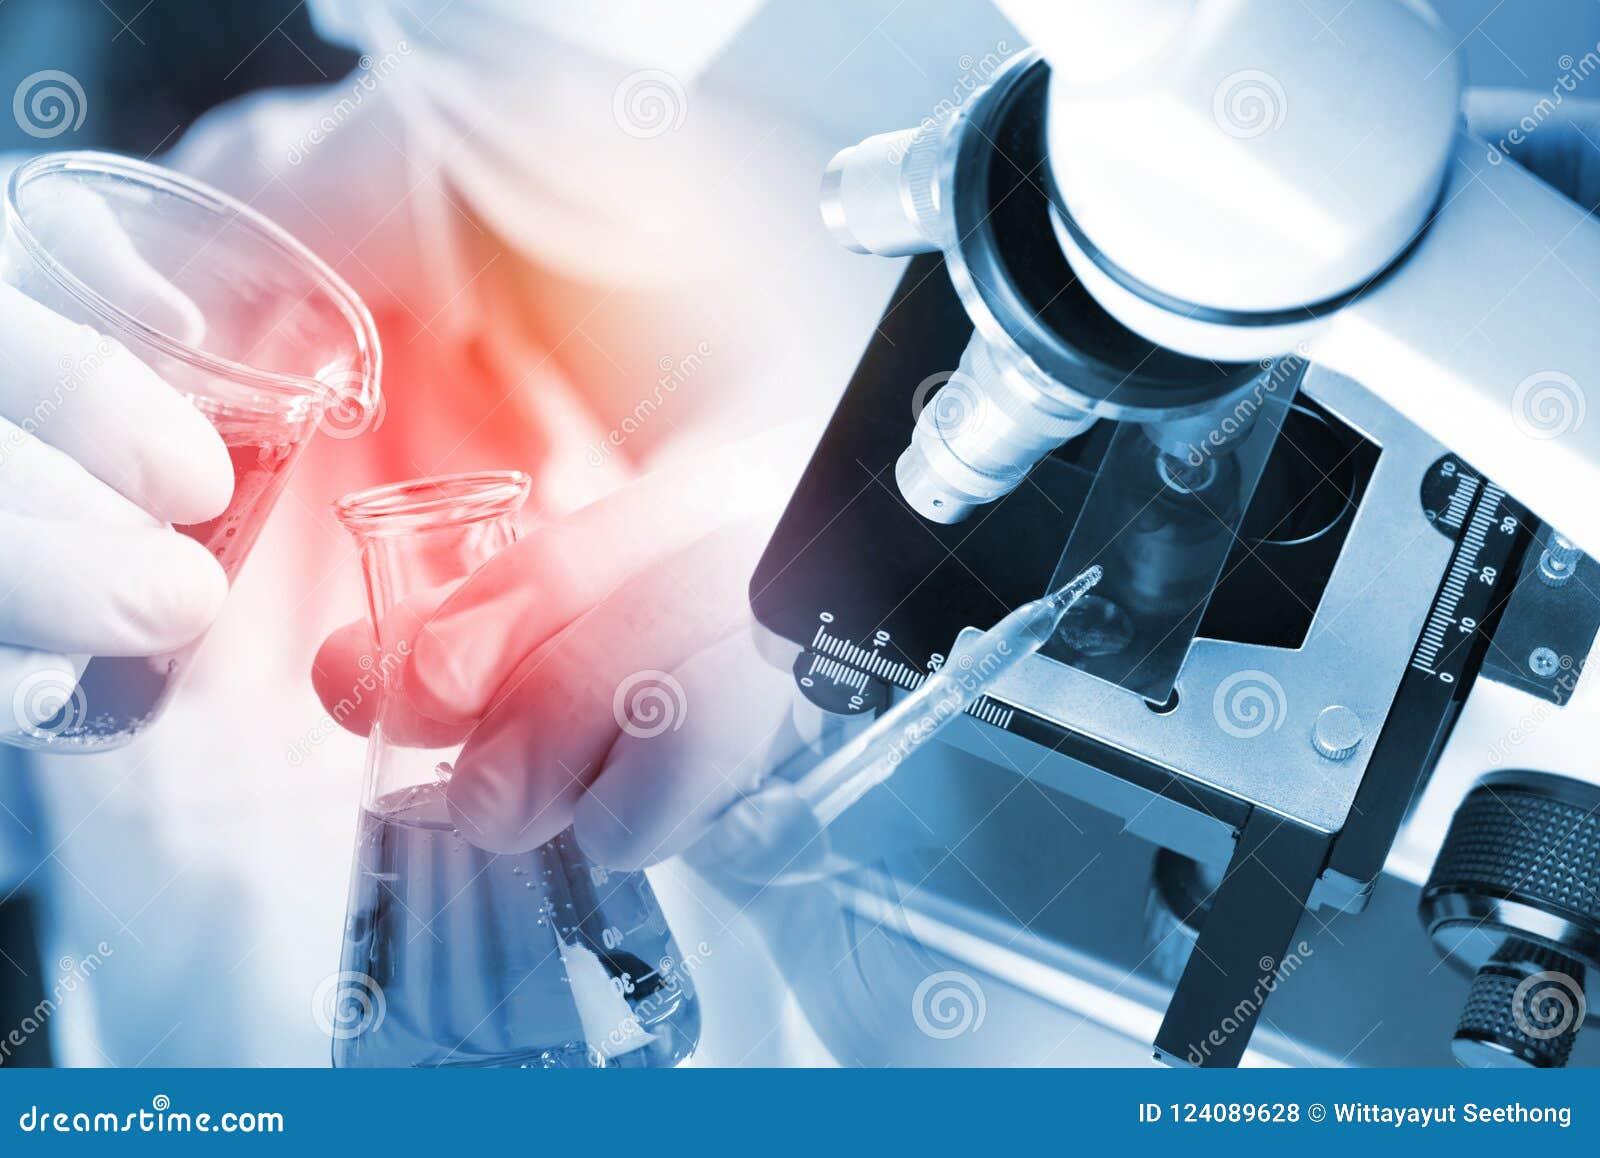 Jonge Aziatische studentenjongen en witte microscoop in wetenschapslaboratorium met rode vloeistof en druppelbuisje voor het test